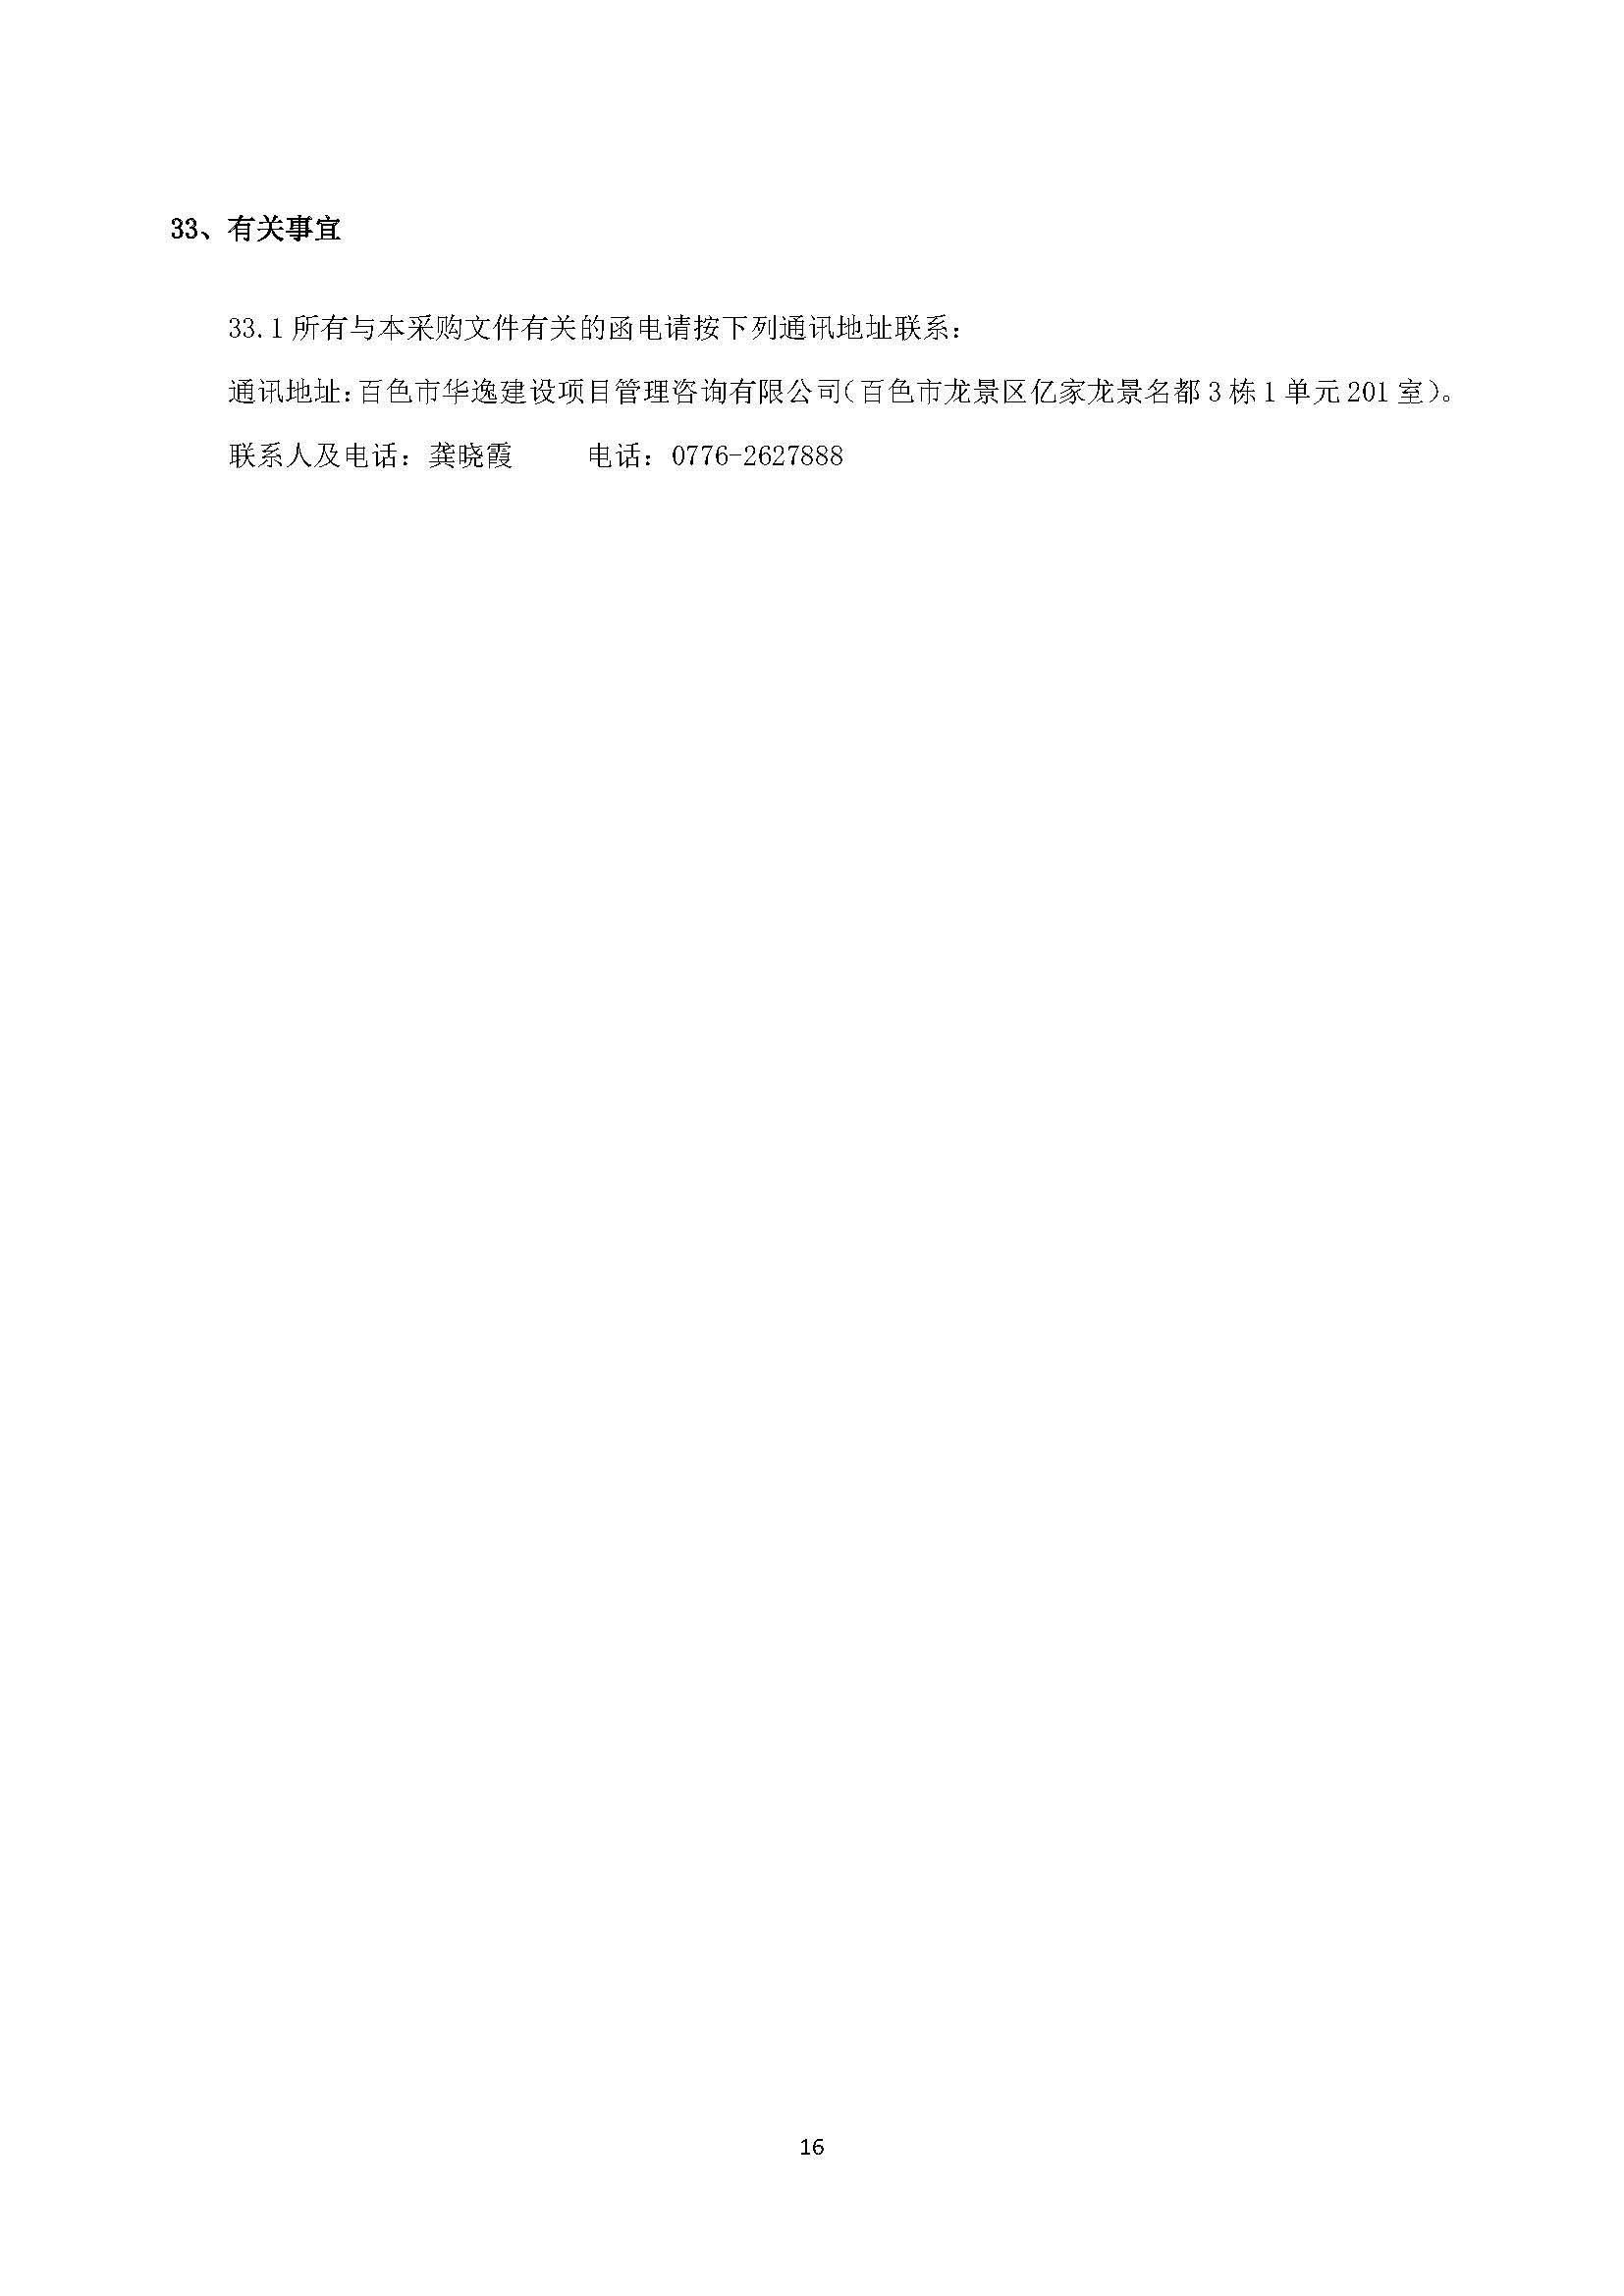 (确定)安徽快三基本走势图市政环卫园林绿化企业一体化面积测绘服务采购 竞争性谈判采购文件20200610(2)_页面_20.jpg